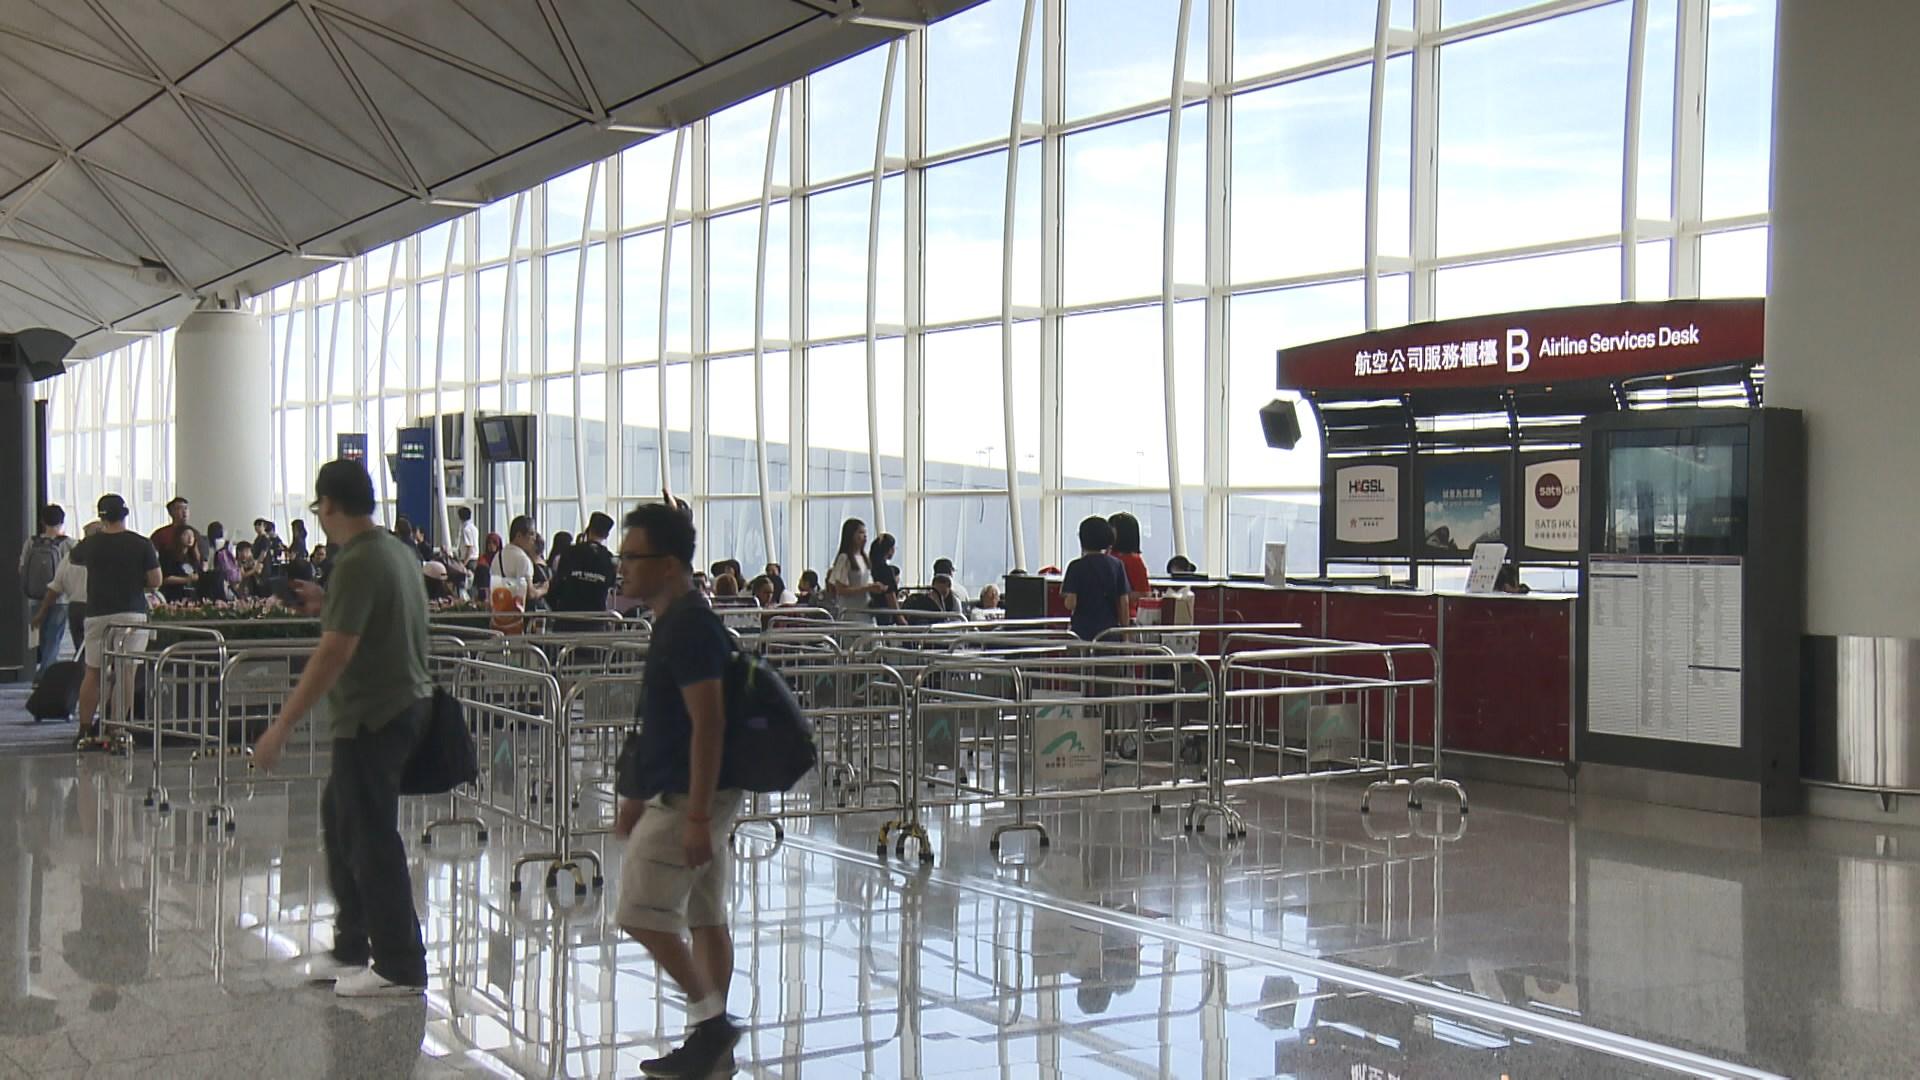 衞生署擬為二百名經機場抵港菲傭驗麻疹抗體